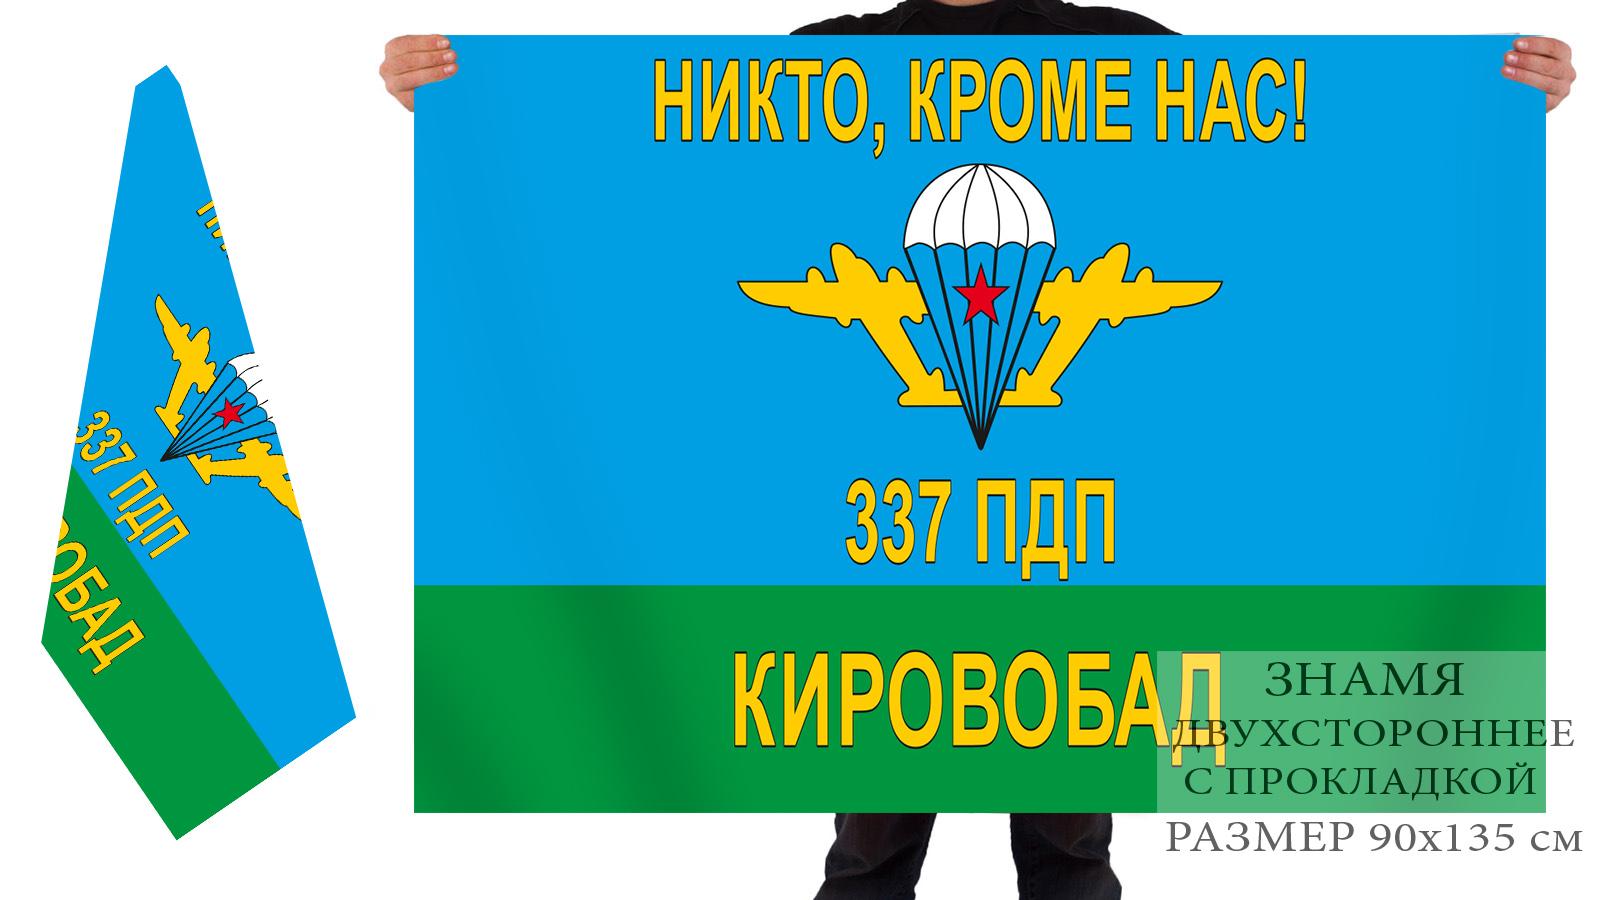 Двухсторонний флаг ВДВ 337 ПДП, Кировобад»